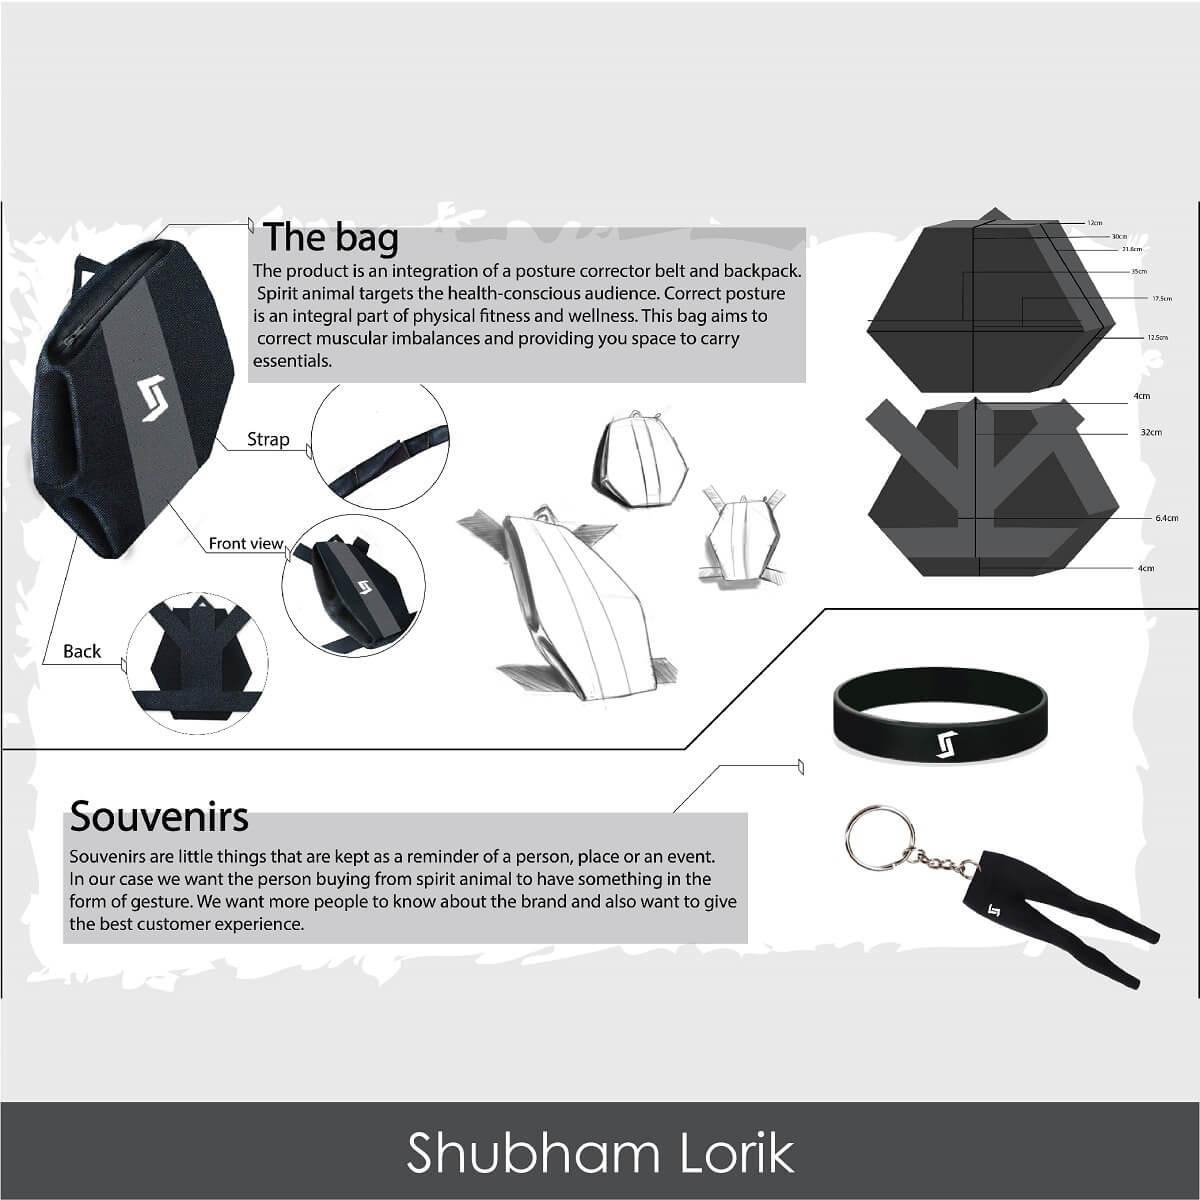 Student Work - Shubham Lorik